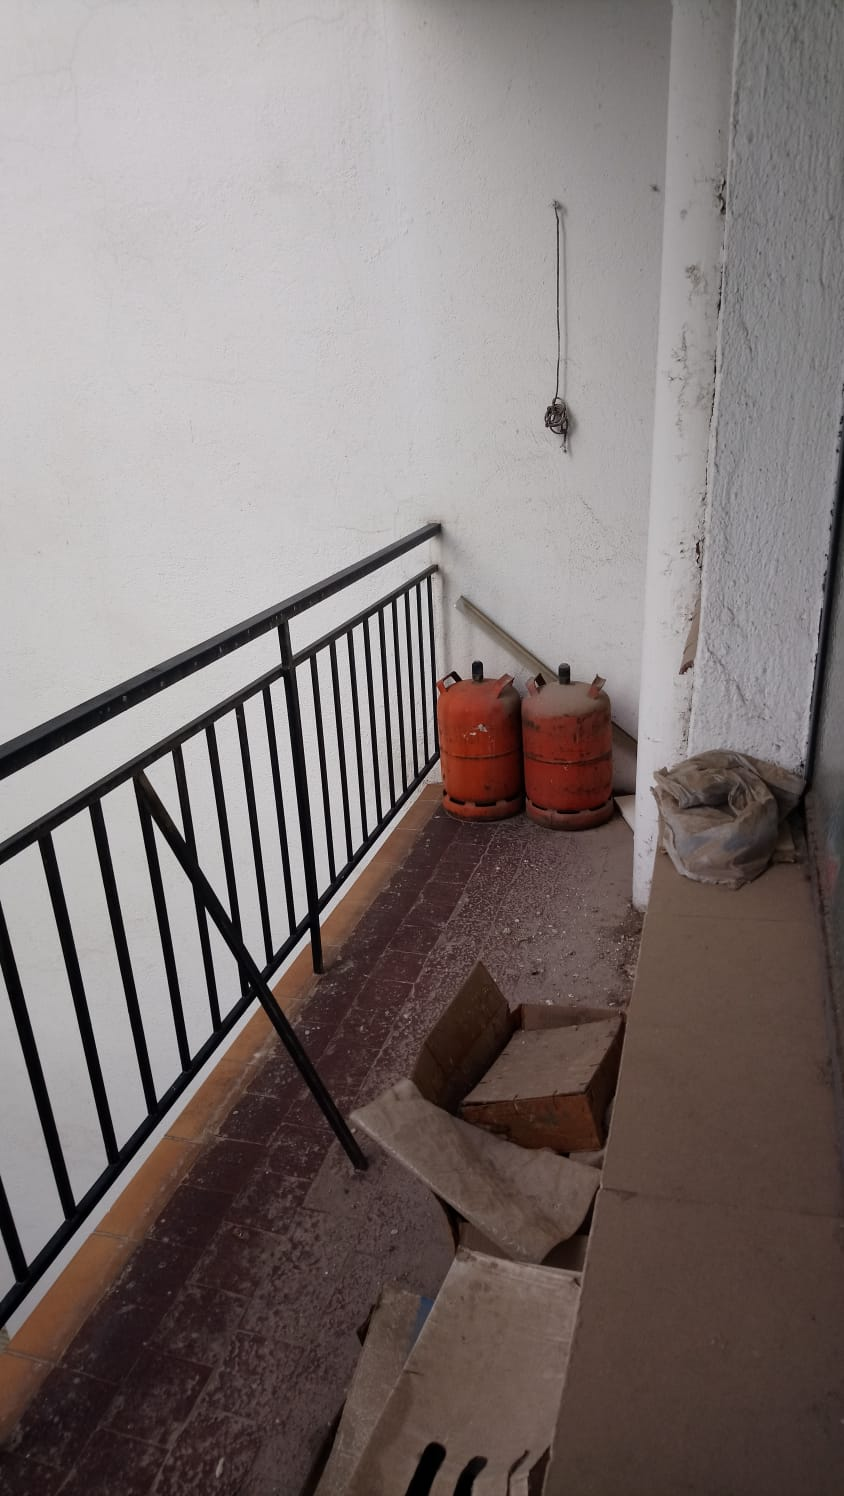 piso en avenida de portugal para refomar (REF: 52) - foto 10 65a4407b-492d-4f6d-99ed-27262e43895a.jpg